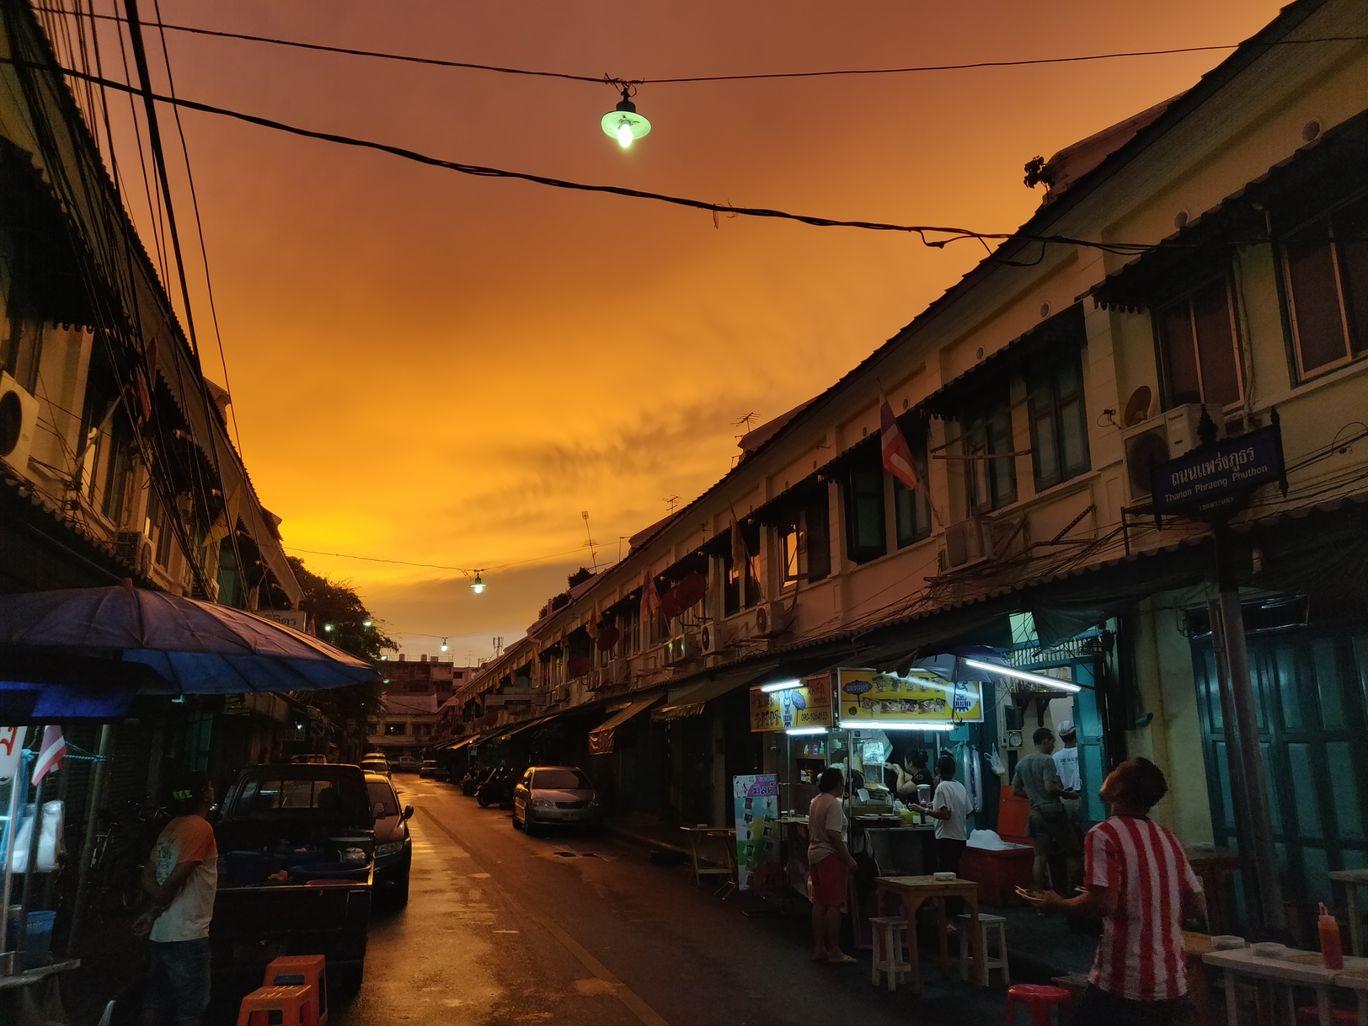 Photo of Bangkok By Devi Archana Das